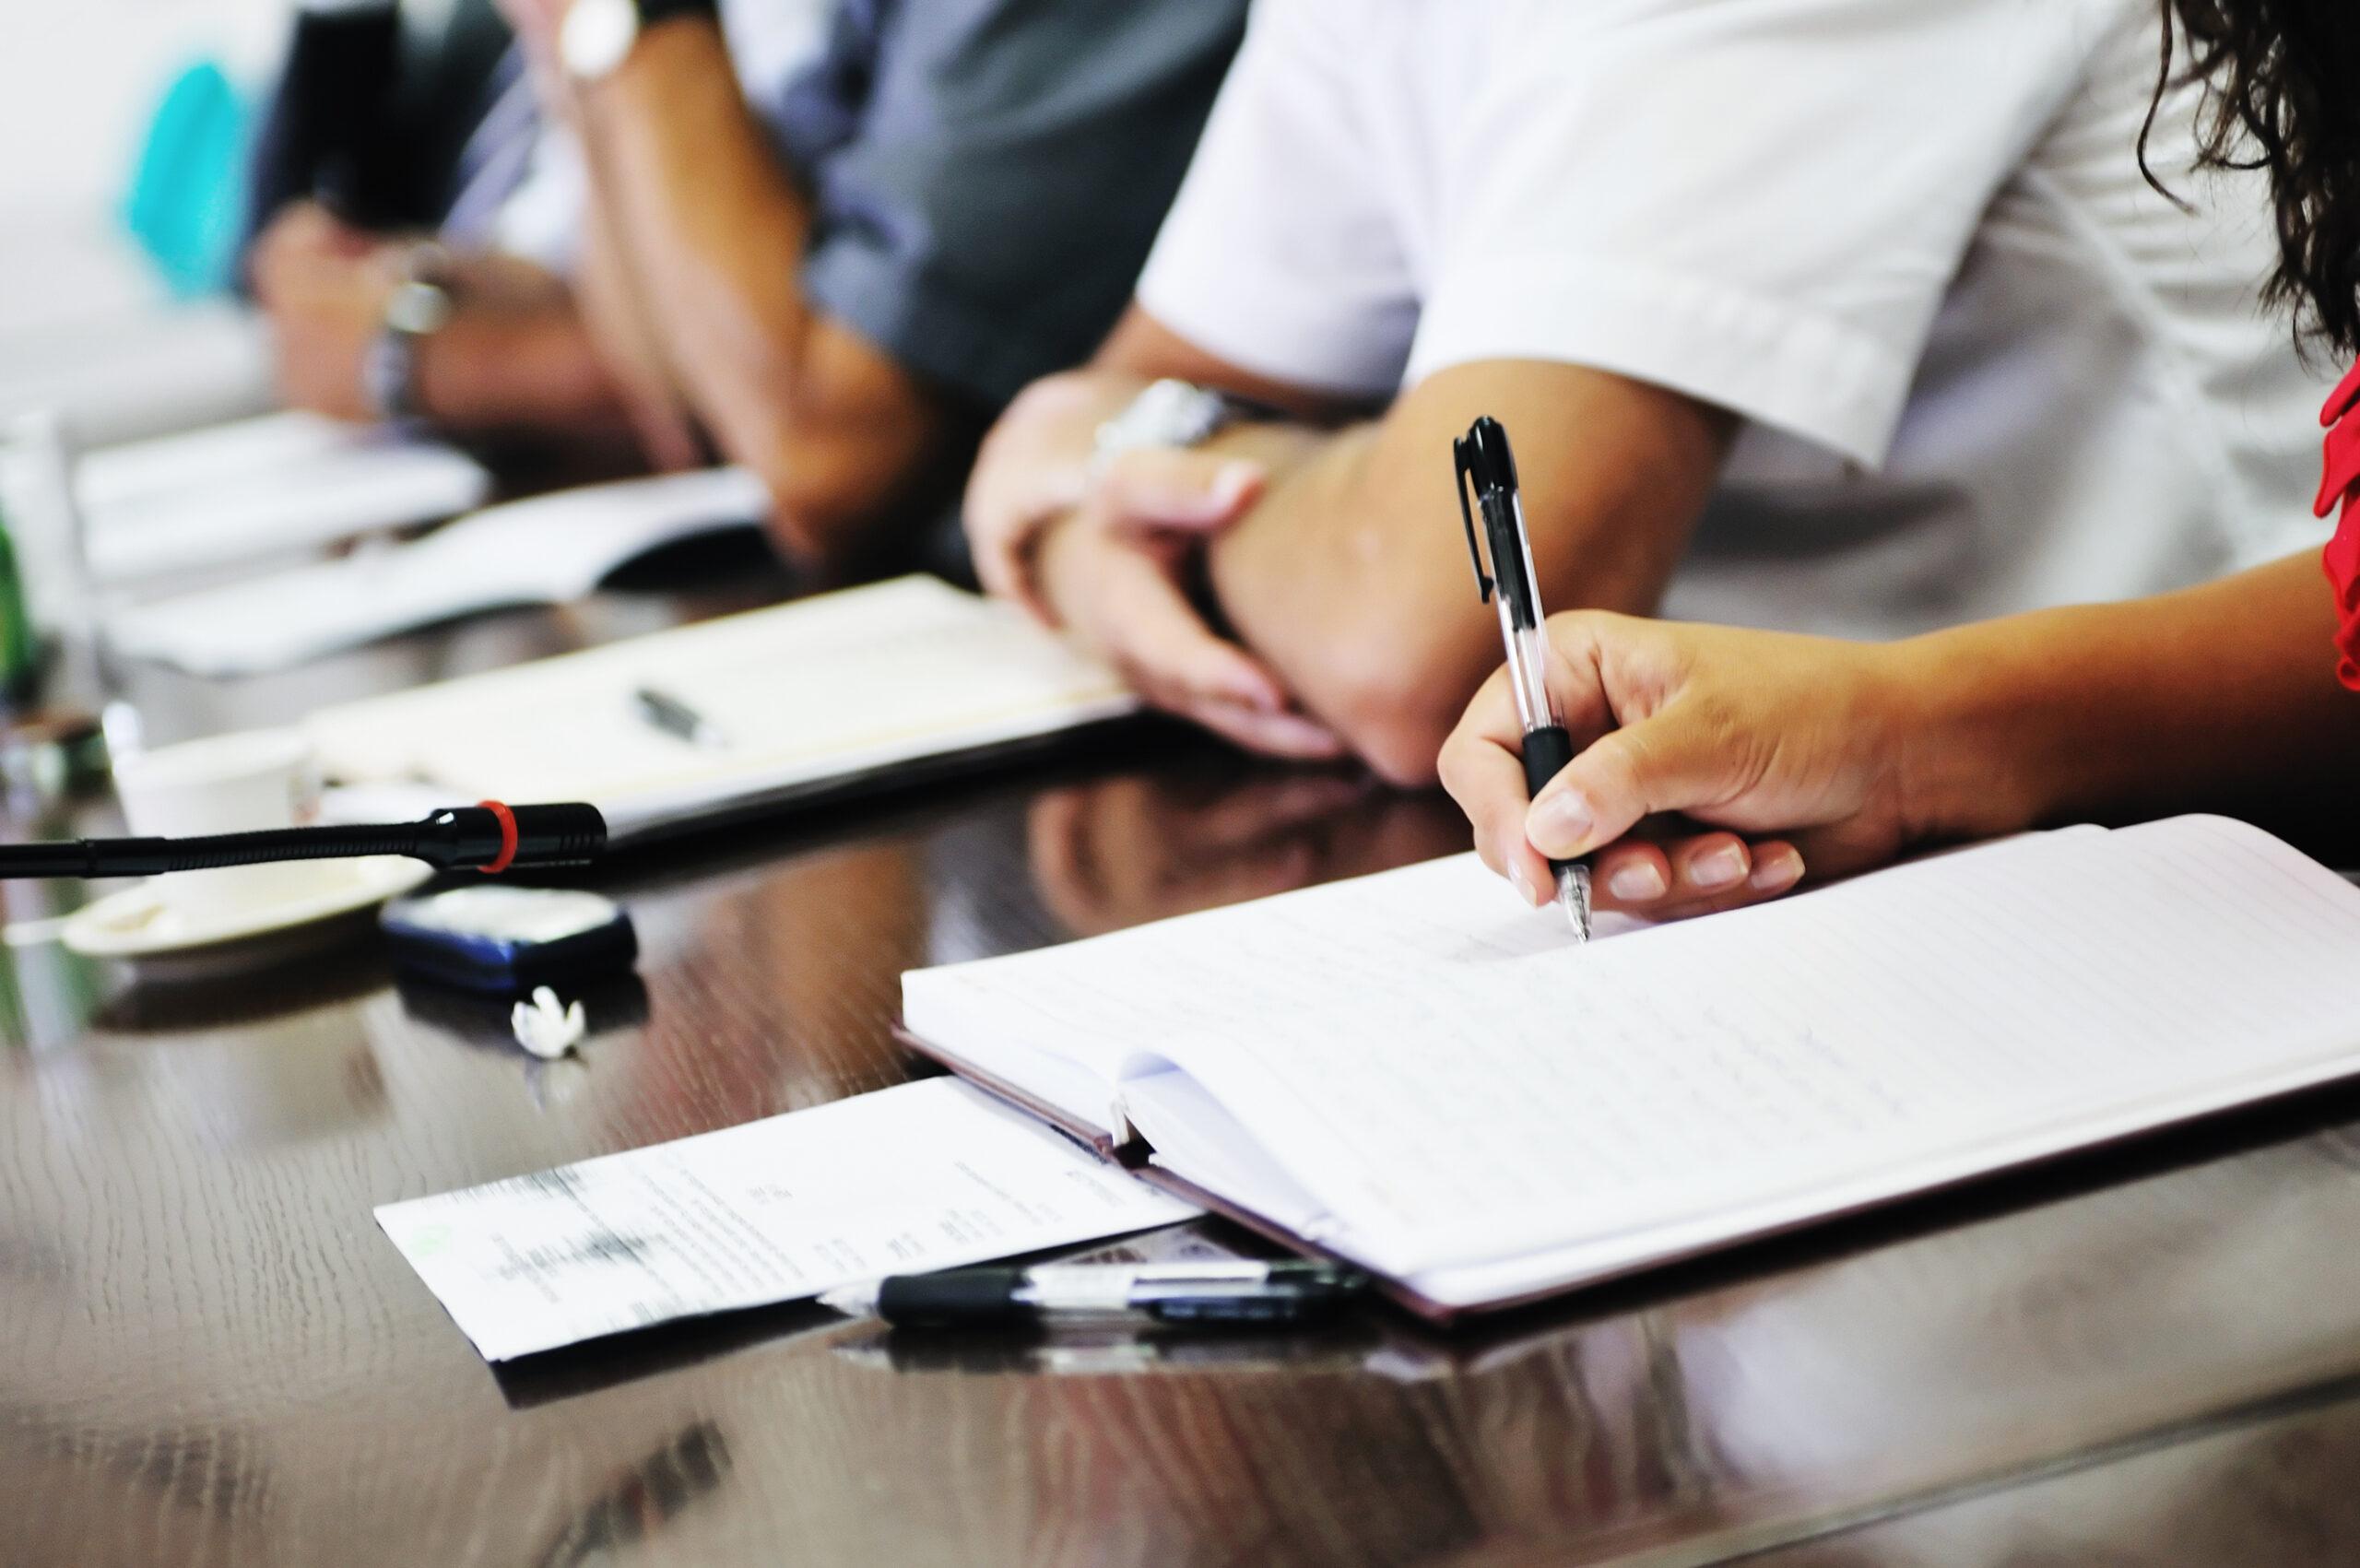 Konkurs ofert na realizację zadania Samorządu Województwa Pomorskiego w roku 2020 w zakresie pomocy społecznej [OGŁOSZENIE]